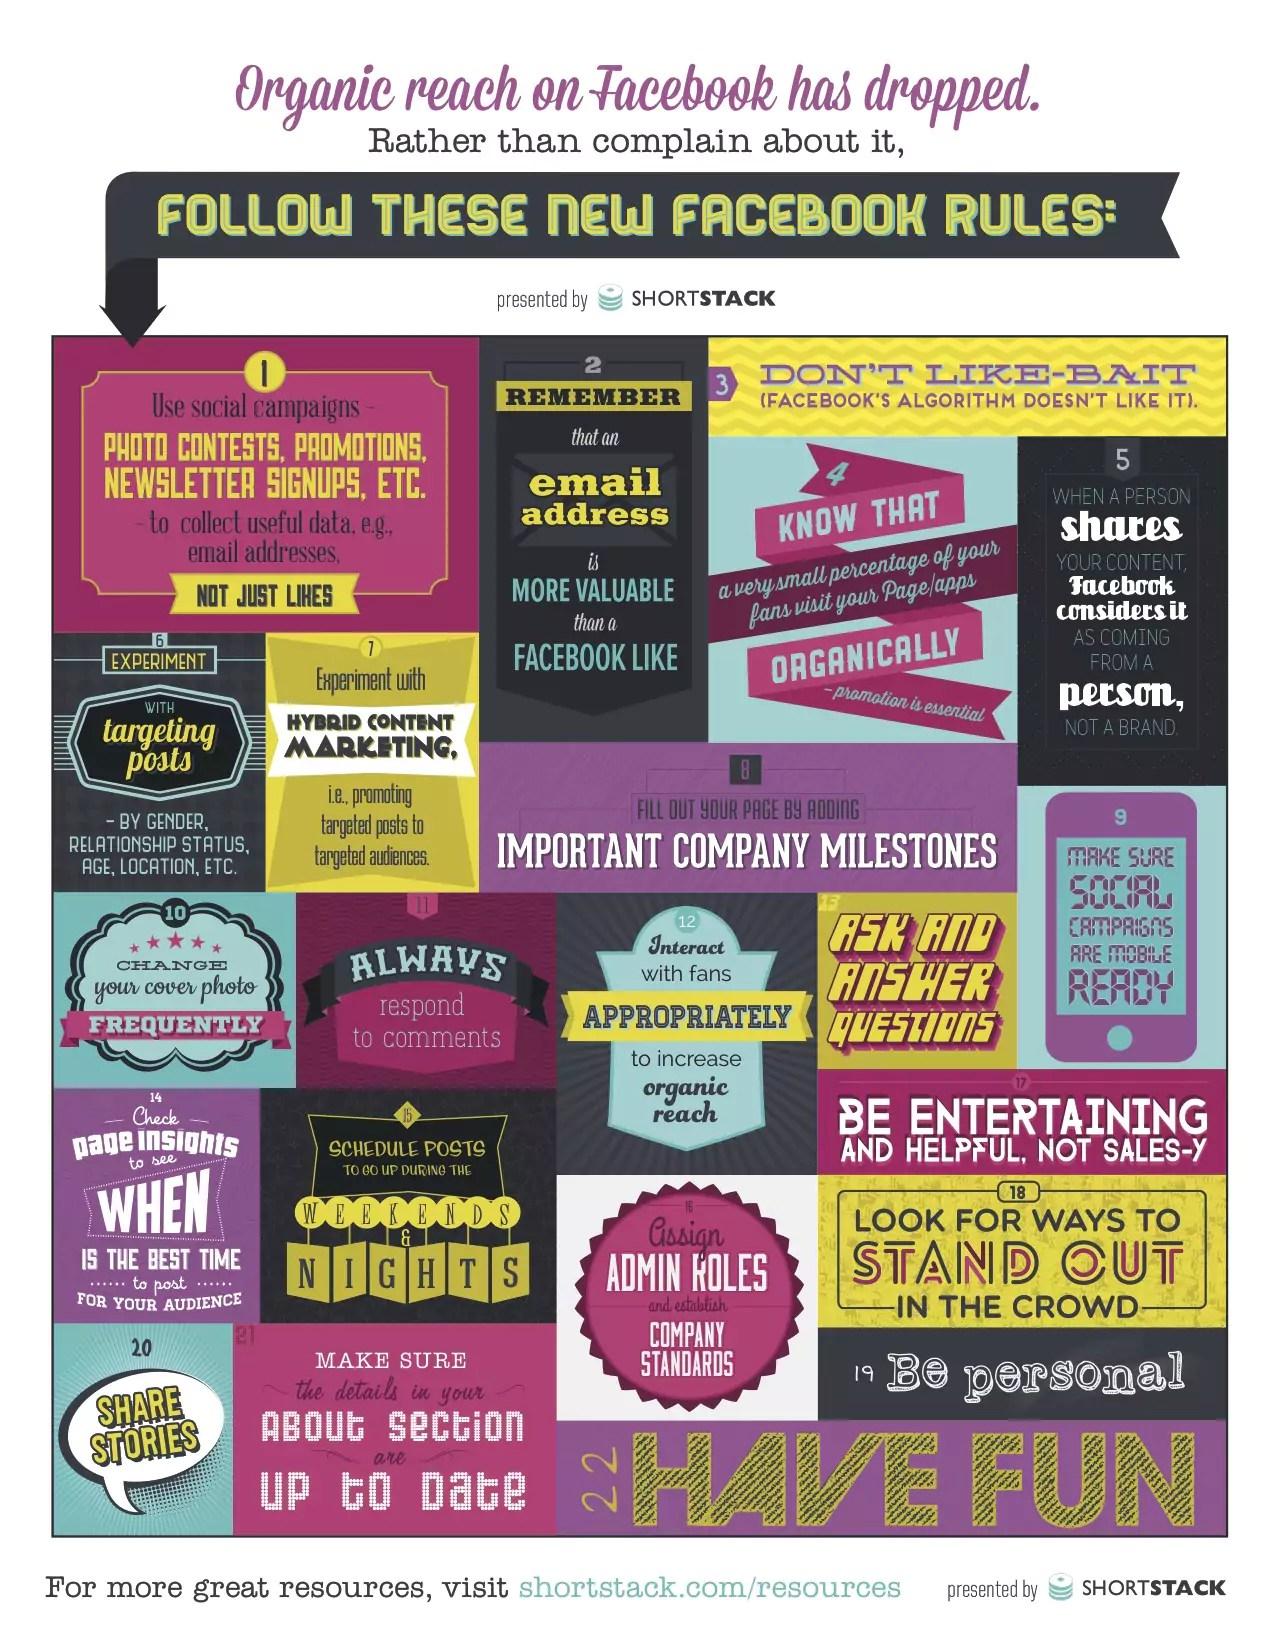 22 Tipps, um gegen sinkende Facebook Reichweite anzukämpfen